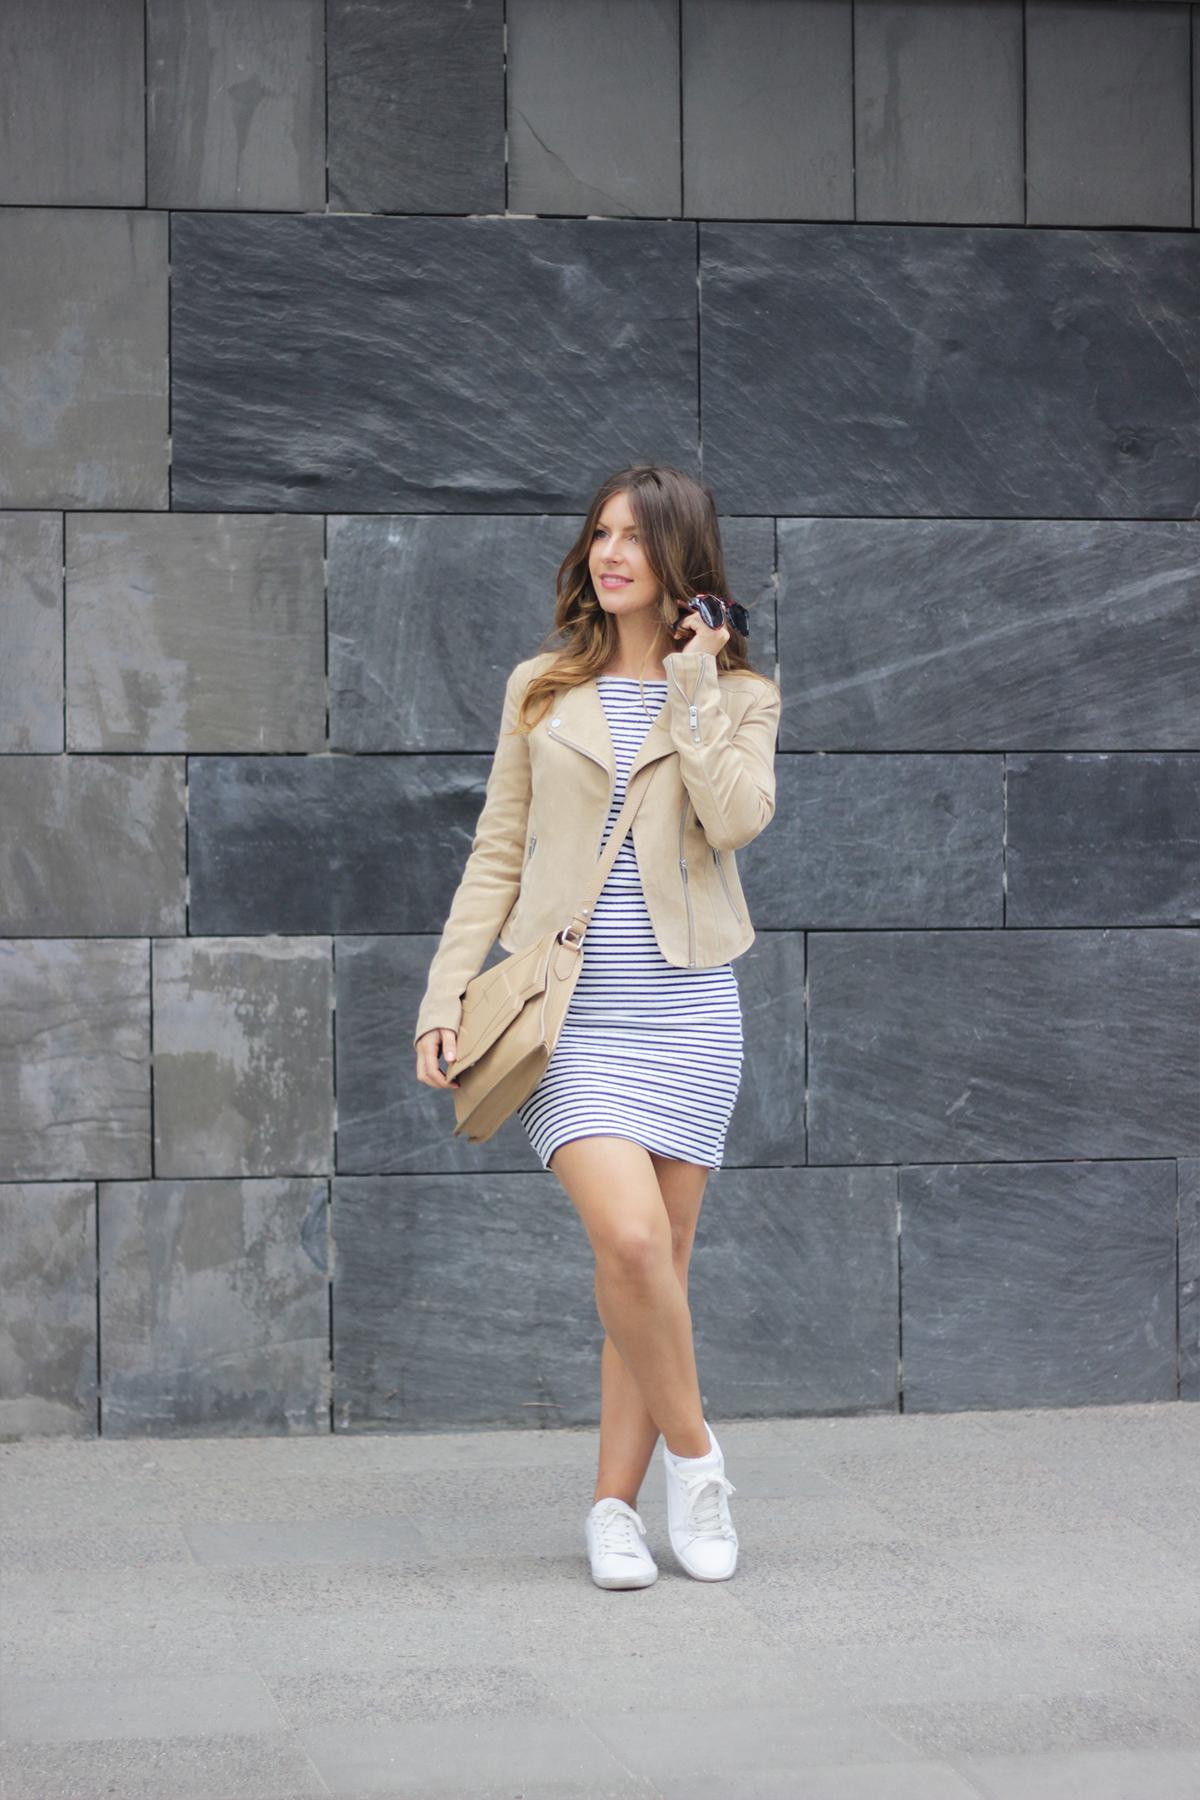 beautyressort-outfit-gestreiftes kleid-beige lederjacke-11